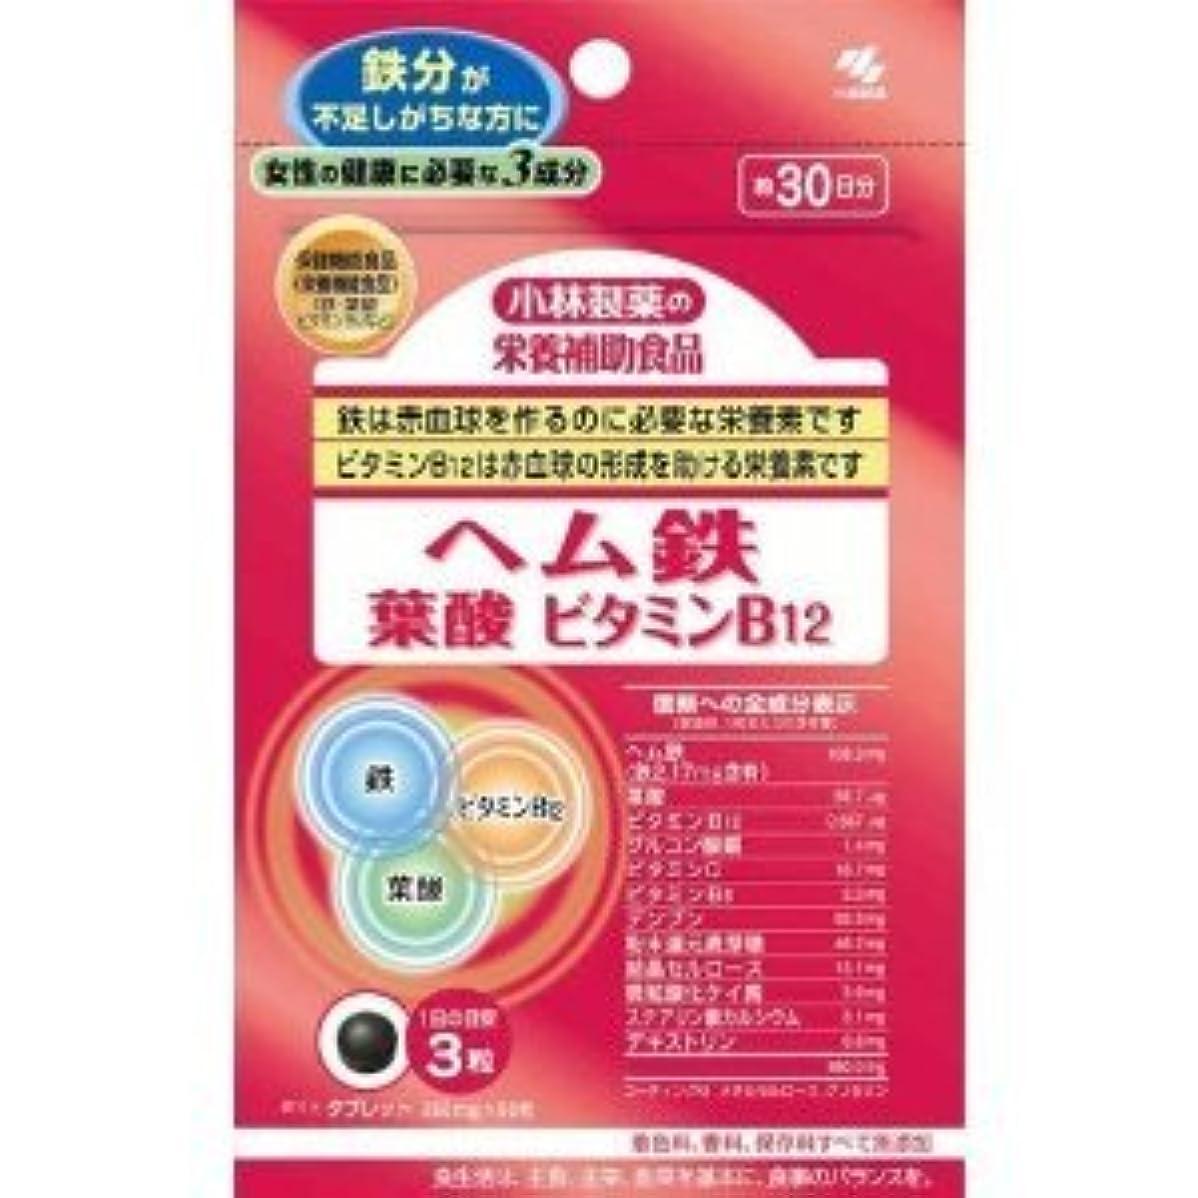 南アメリカバイオレットケーキ小林製薬の栄養補助食品ヘム鉄葉酸ビタミンB12(90粒)×4個セット